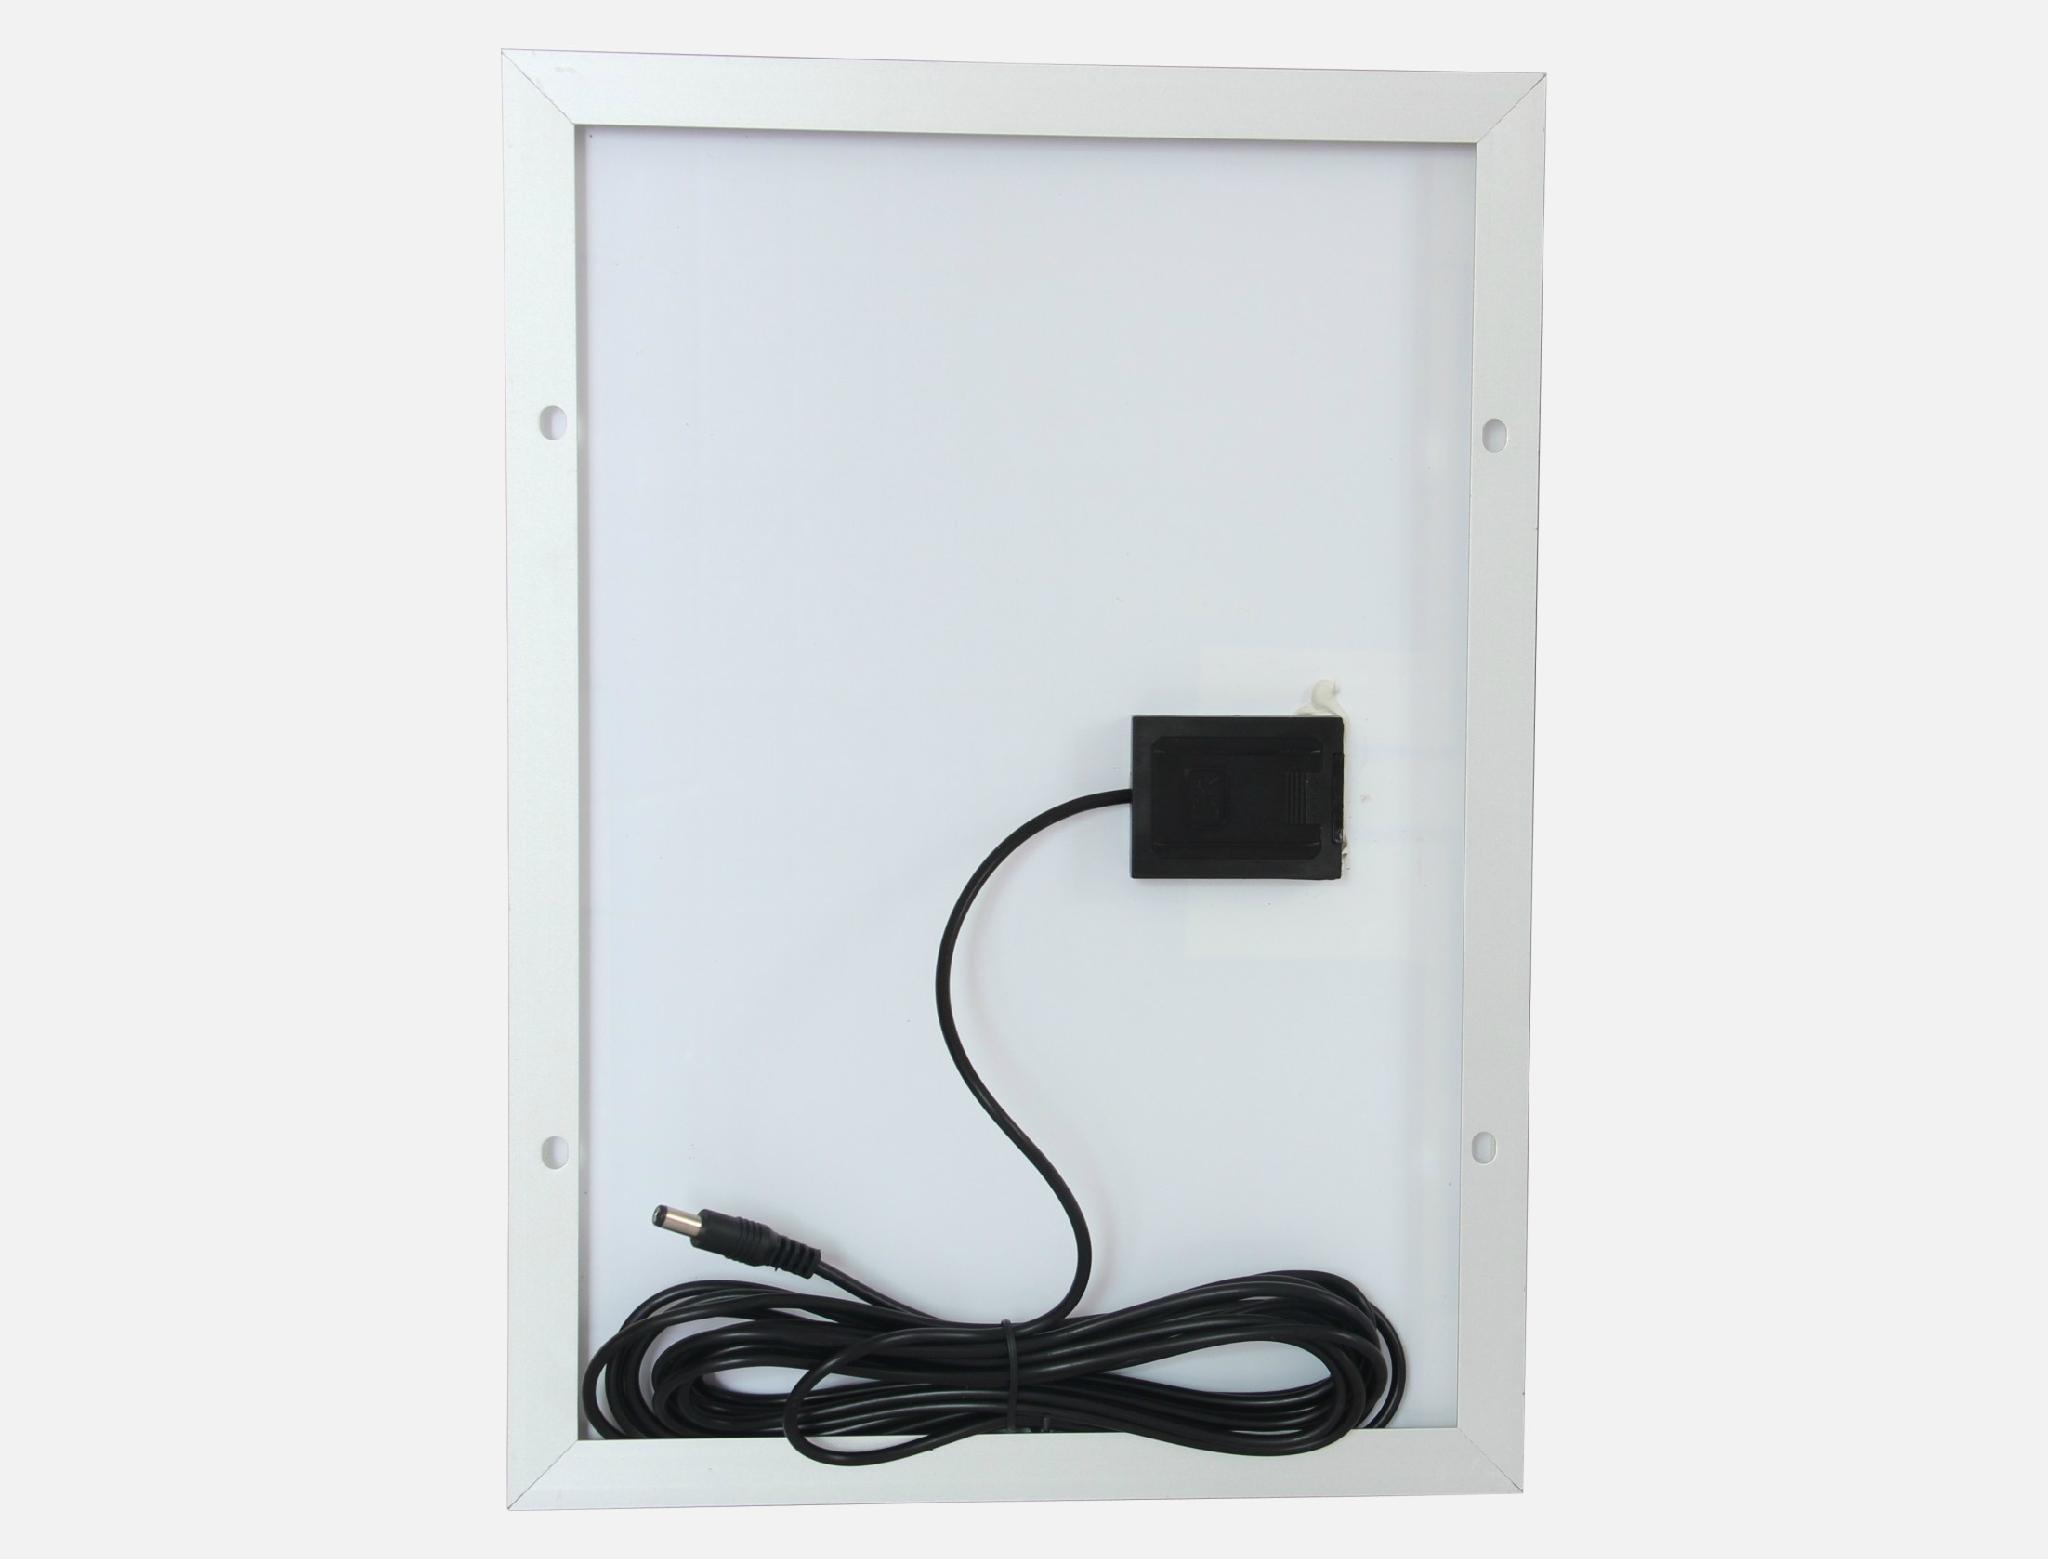 10W Solar Home Lighting System - MW-SYB4AS10W - MW LED ...